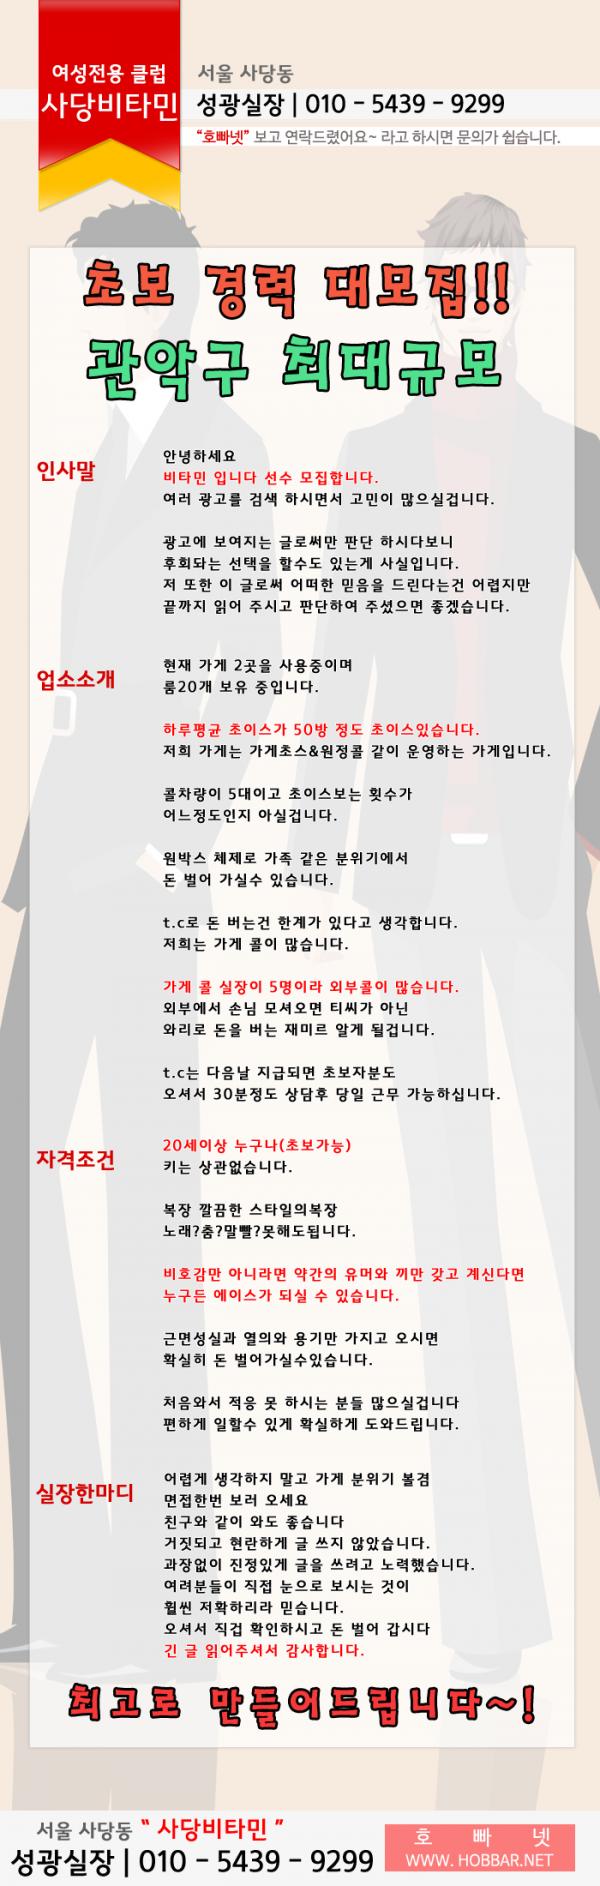 사당비타민 성광실장.png